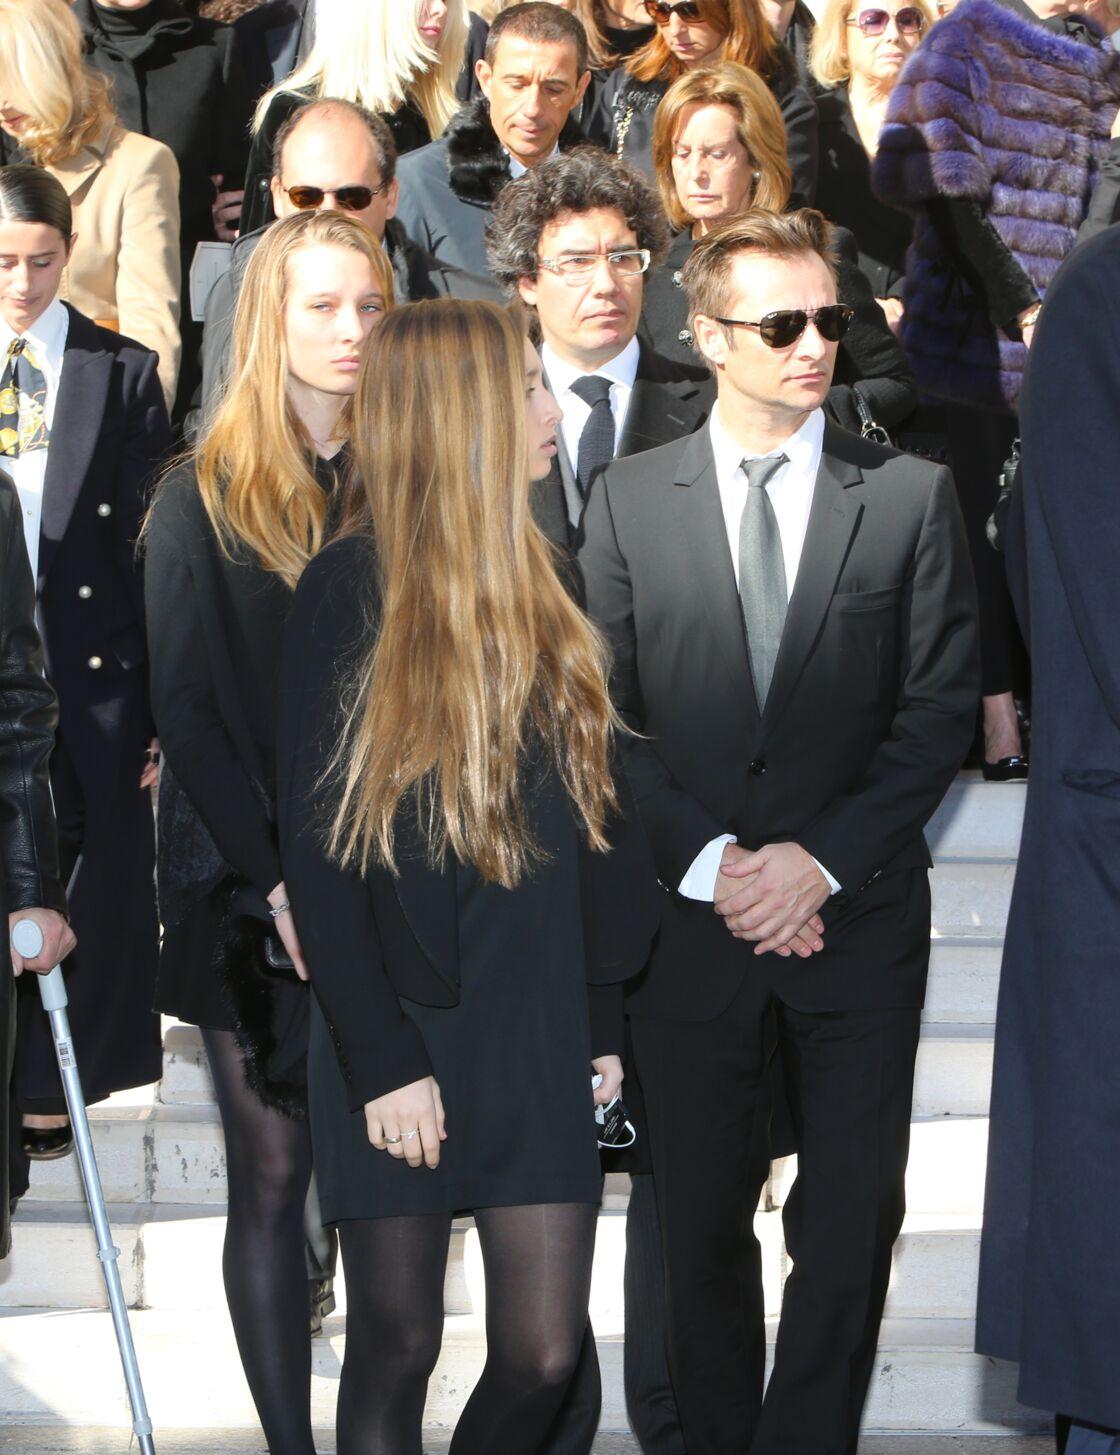 David Hallyday et ses filles Ilona et Emma Smet - Obsèques de Michel Pastor en l'église Saint-Charles à Monaco le 06/02/2014.